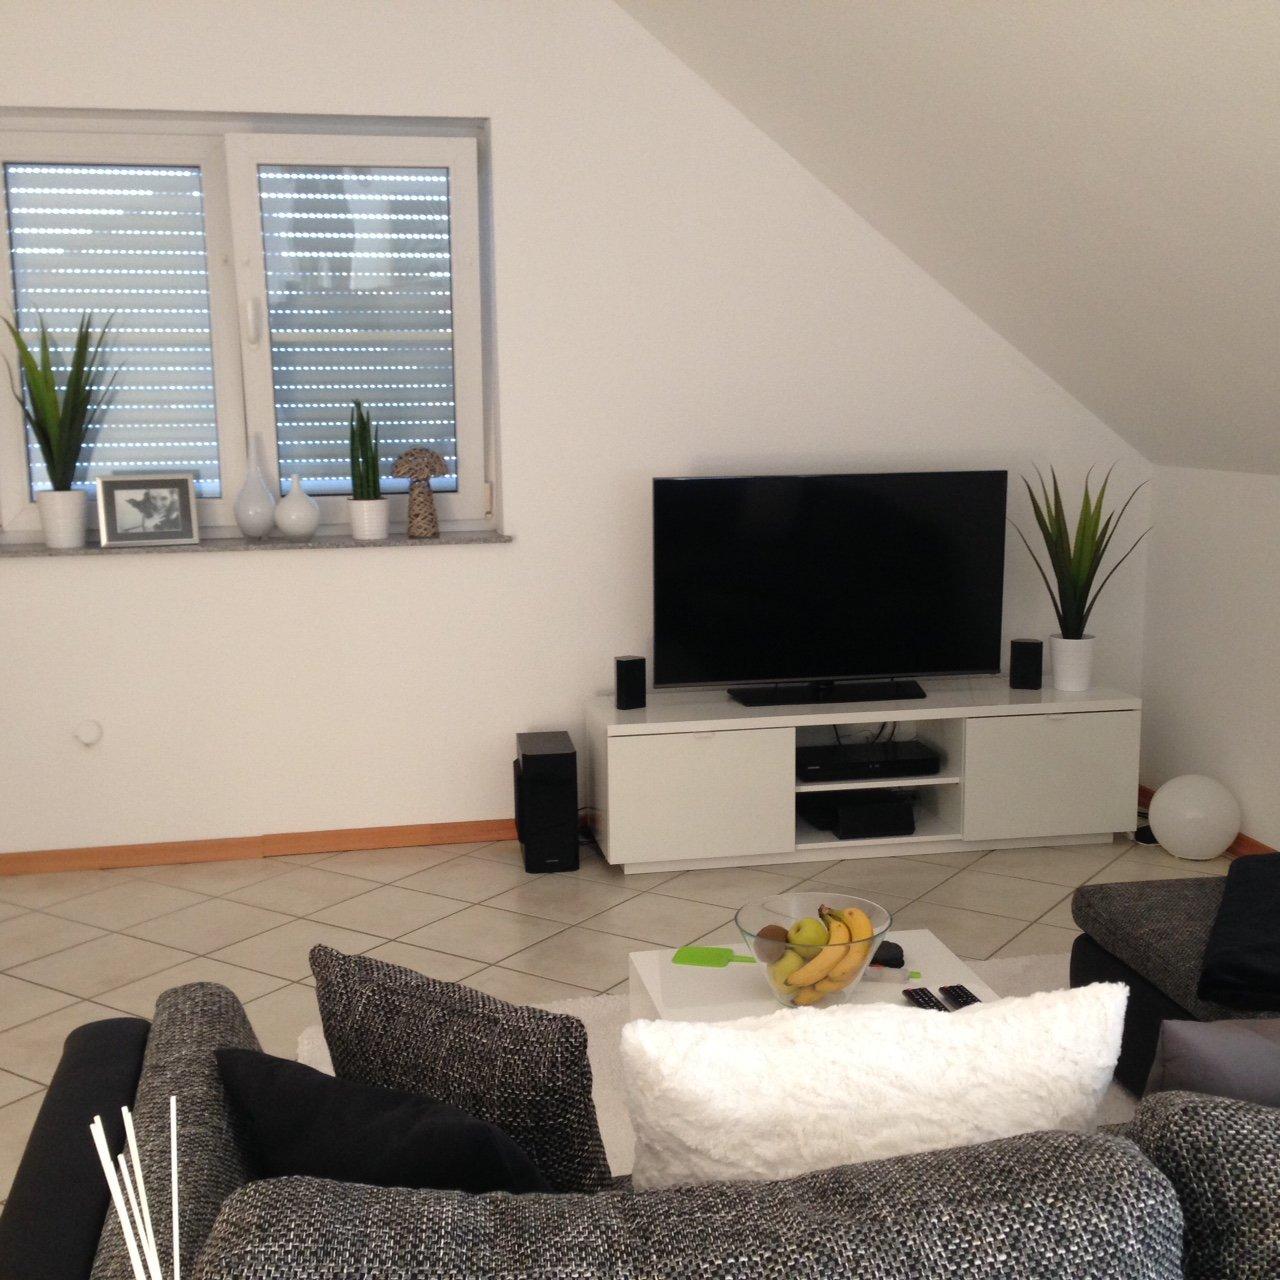 wohnzimmer 39 k che wohn und essbereich 39 meine erste eigene wohnung zimmerschau. Black Bedroom Furniture Sets. Home Design Ideas